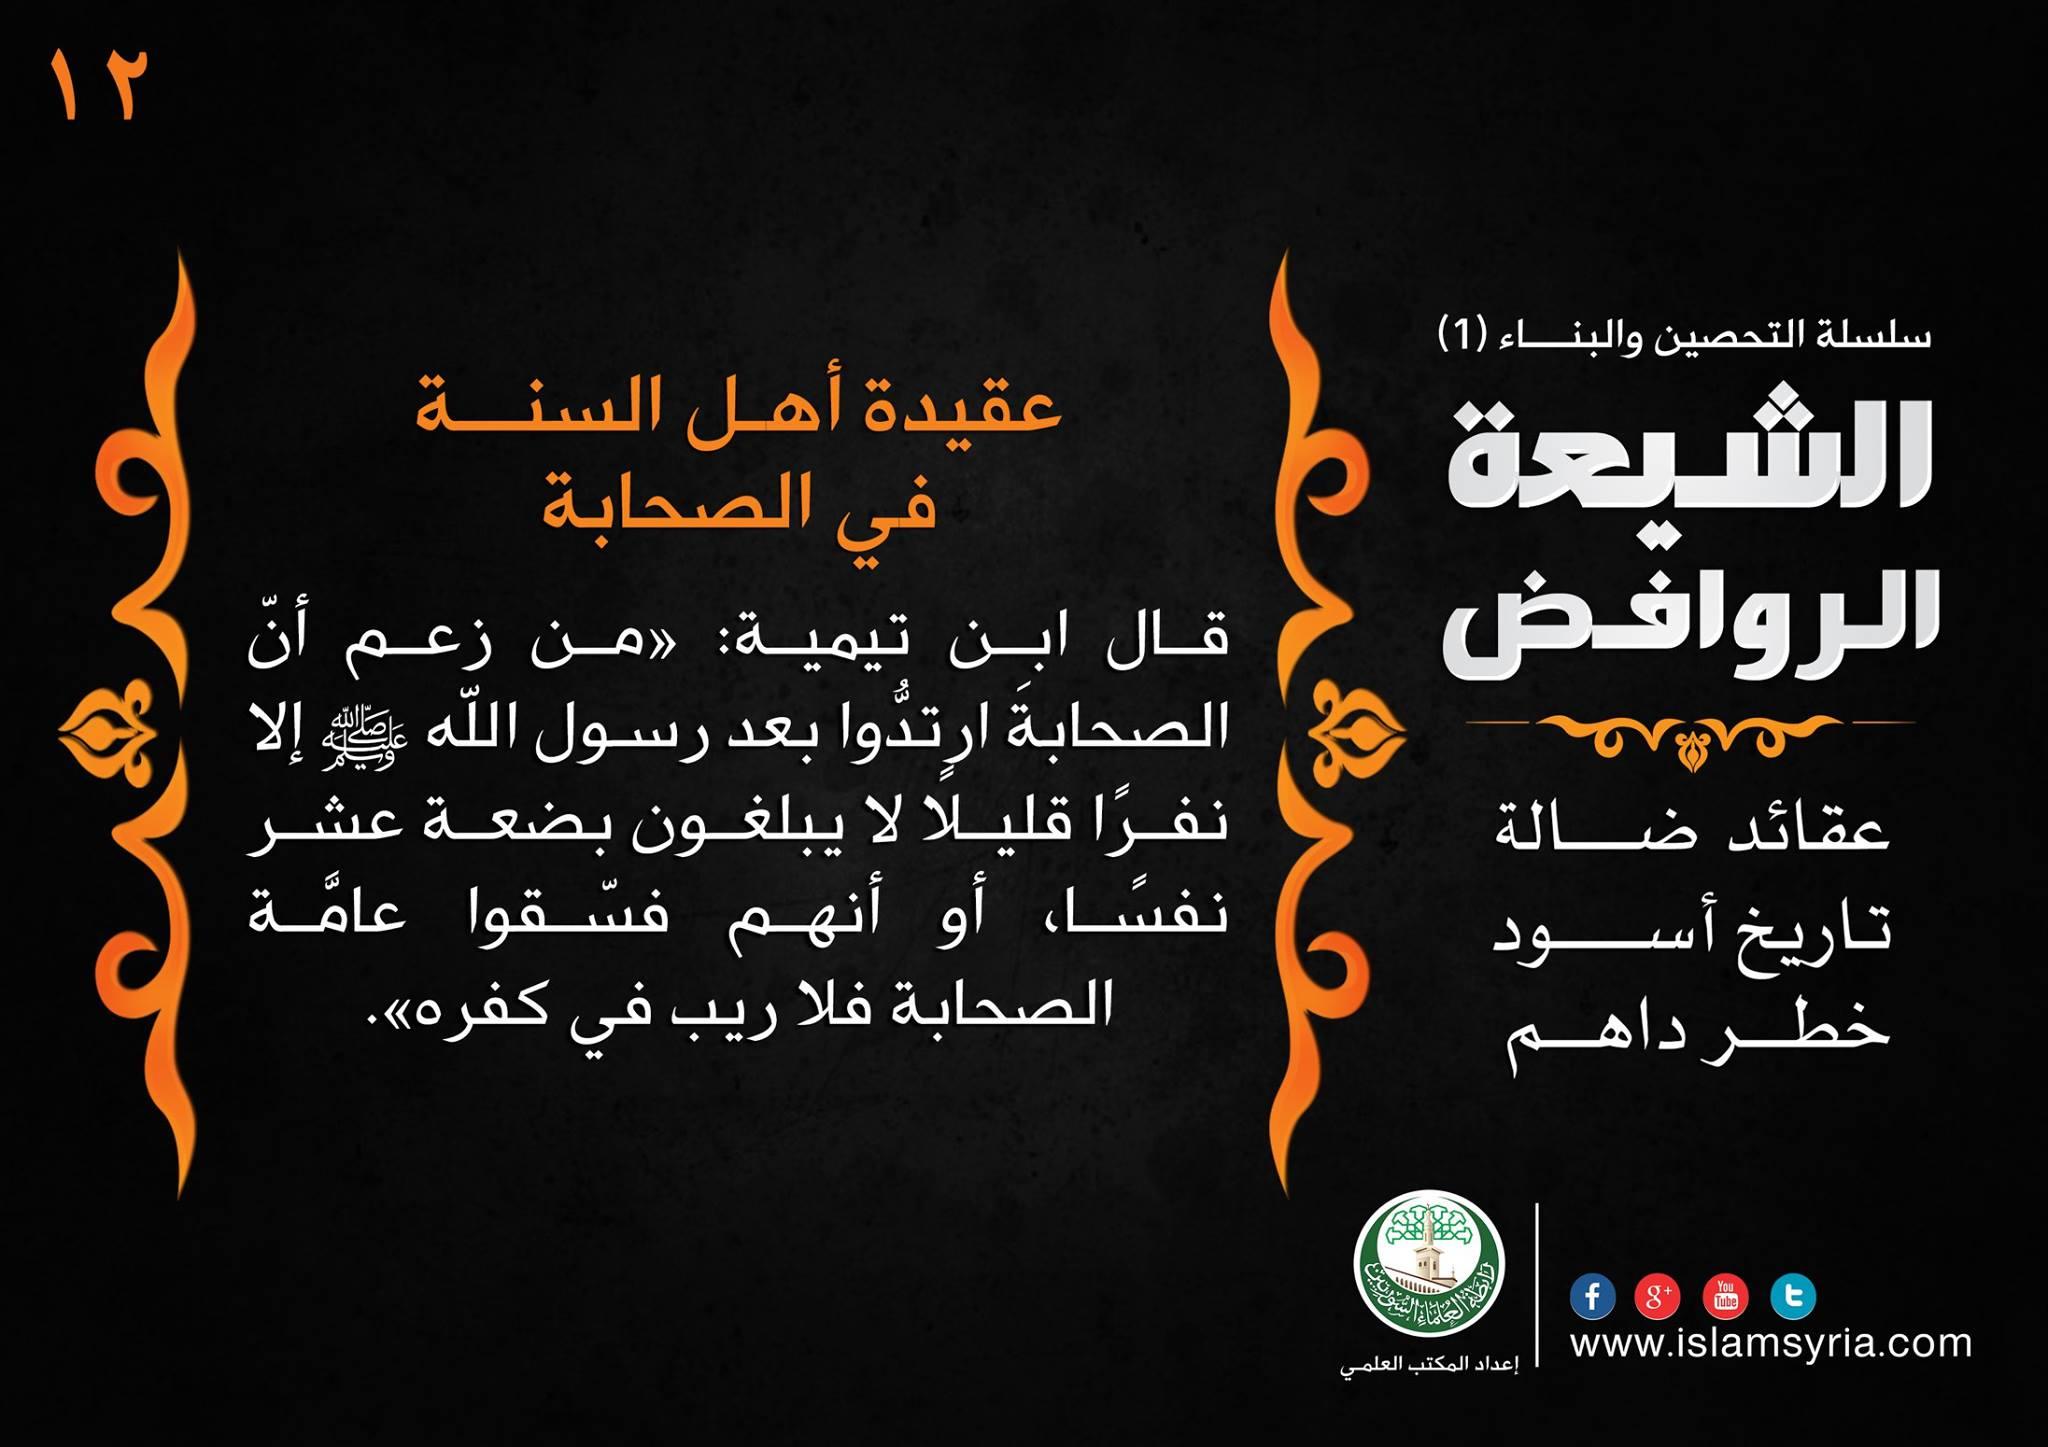 سلسلة التحصين والبناء -12- الشيعة الروافض